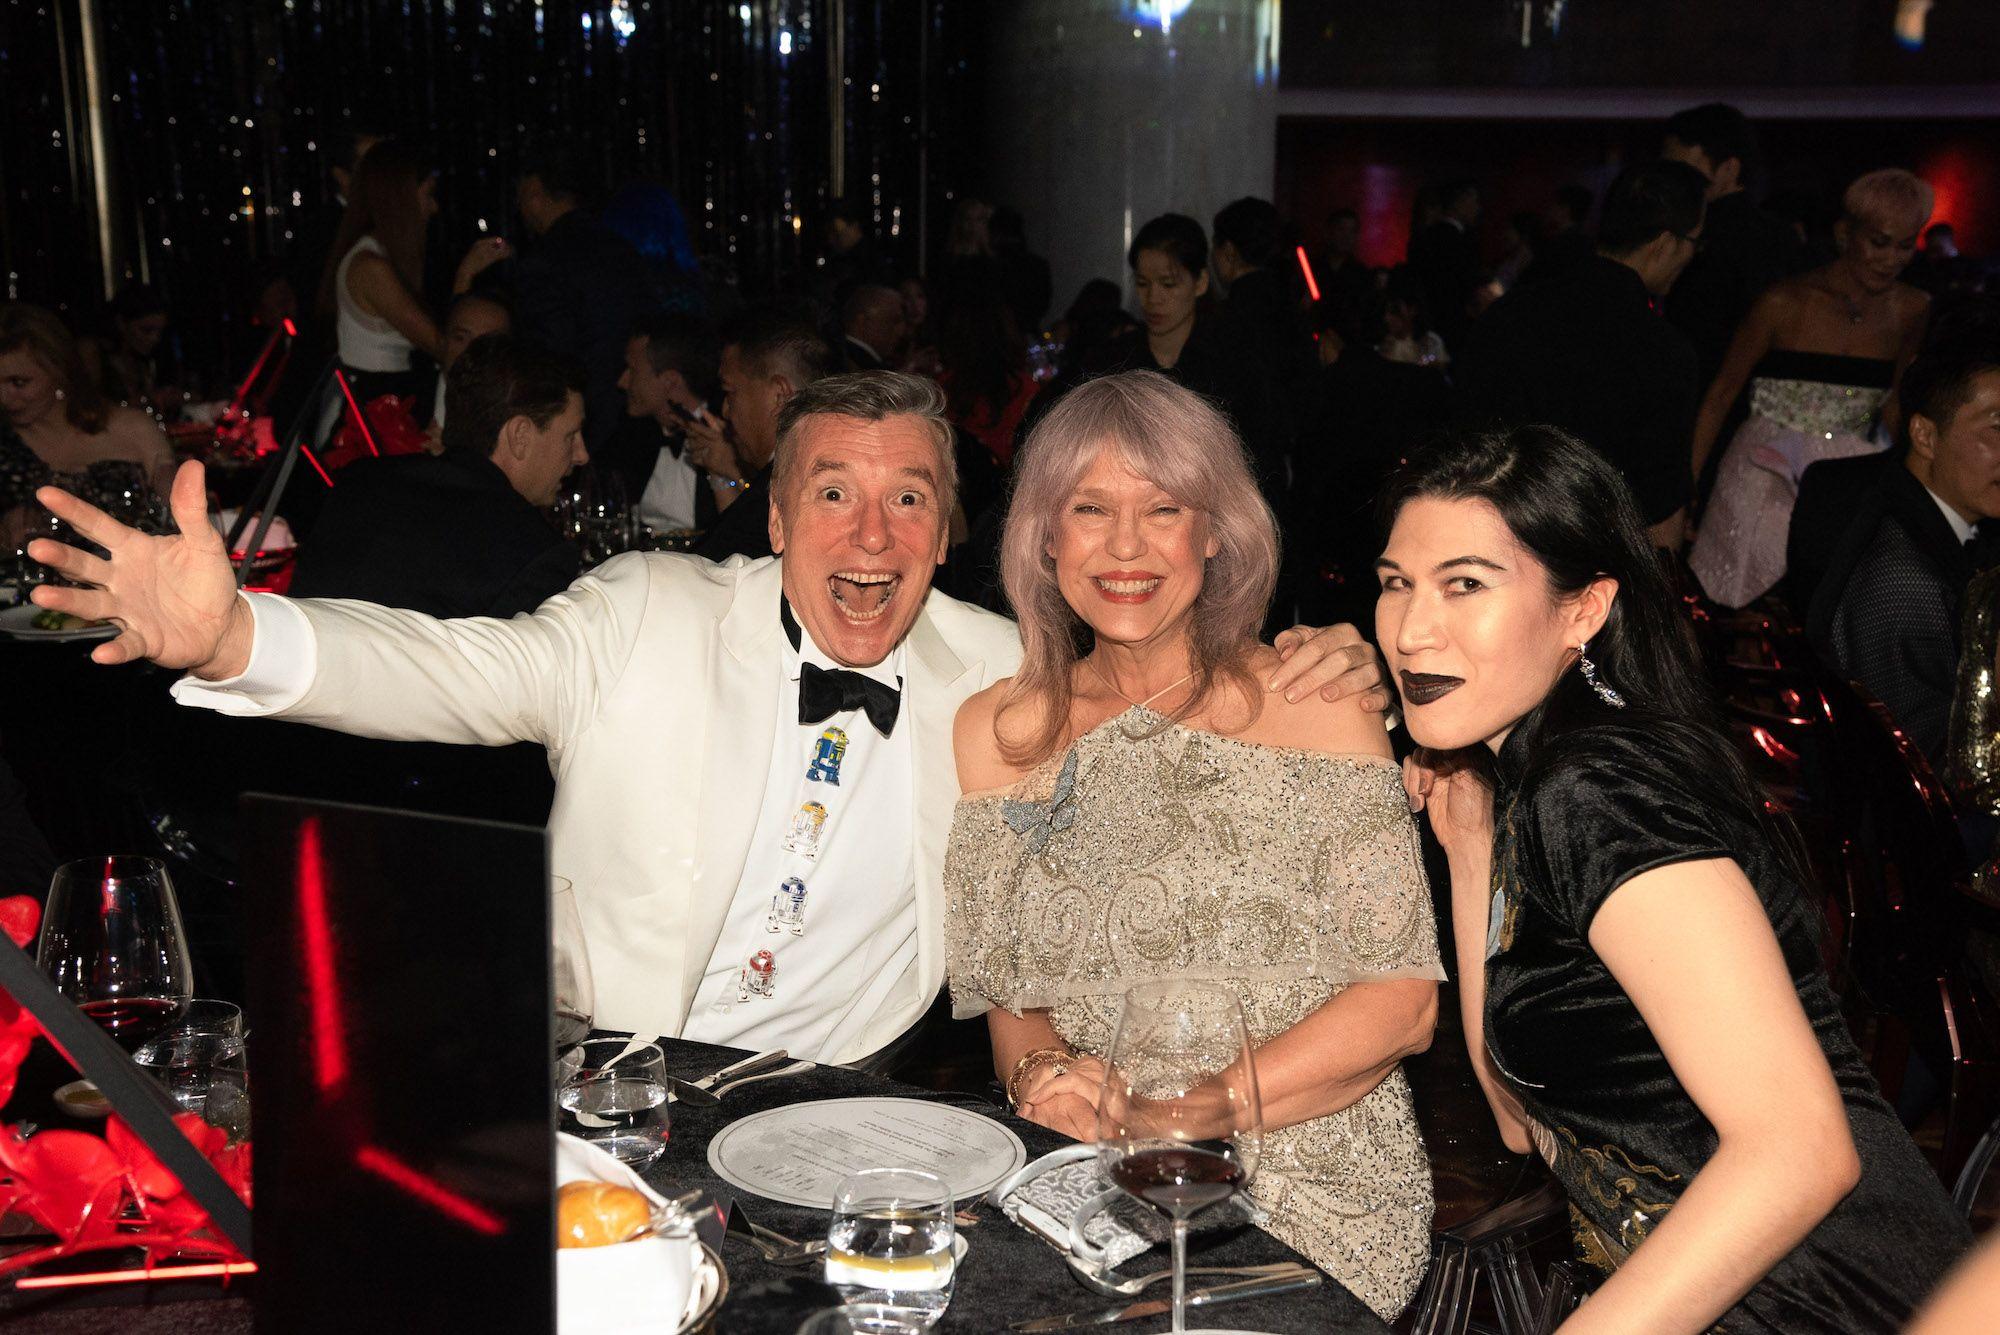 Mark Peaker, Paulette Ho, Chloe Ho